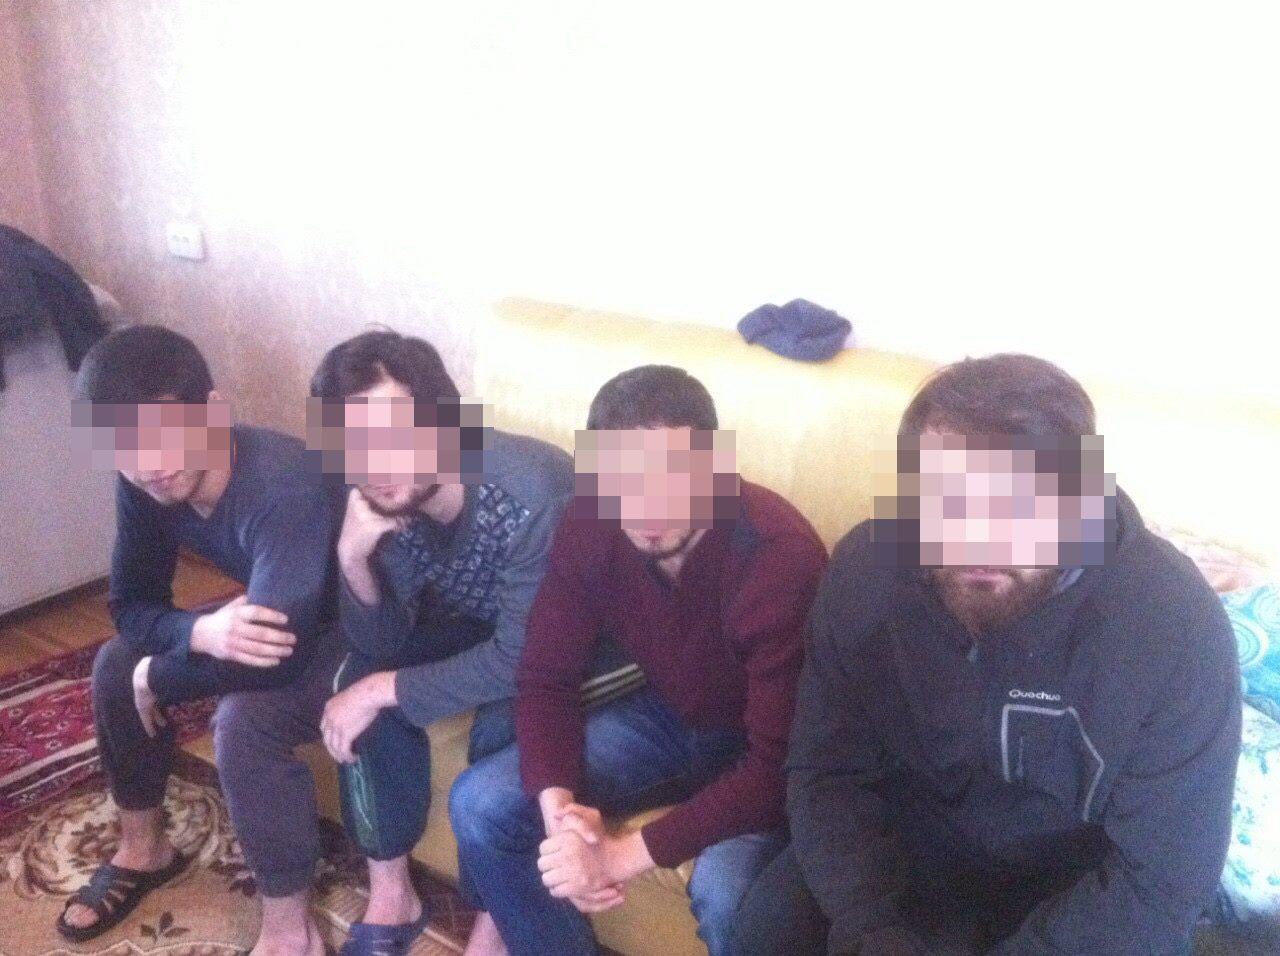 ВКиеве задержали пятерых потенциальных участников иделовые,— СБУ